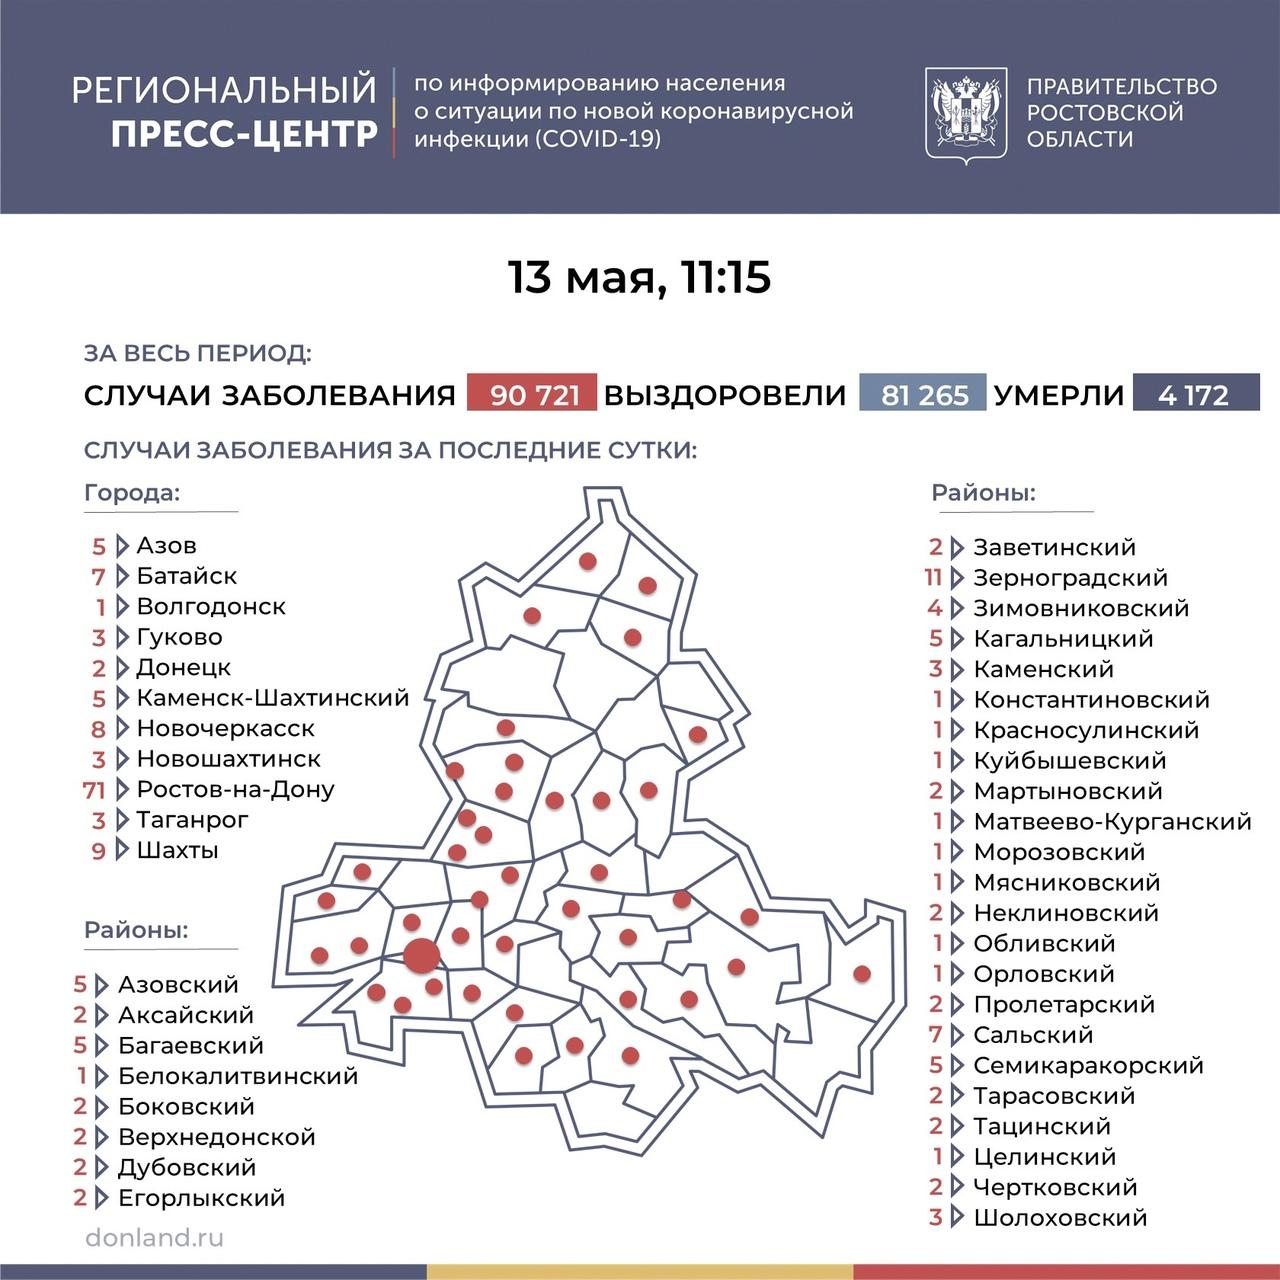 На Дону число инфицированных COVID-19 составляет 199, в Таганроге 3 новых случая